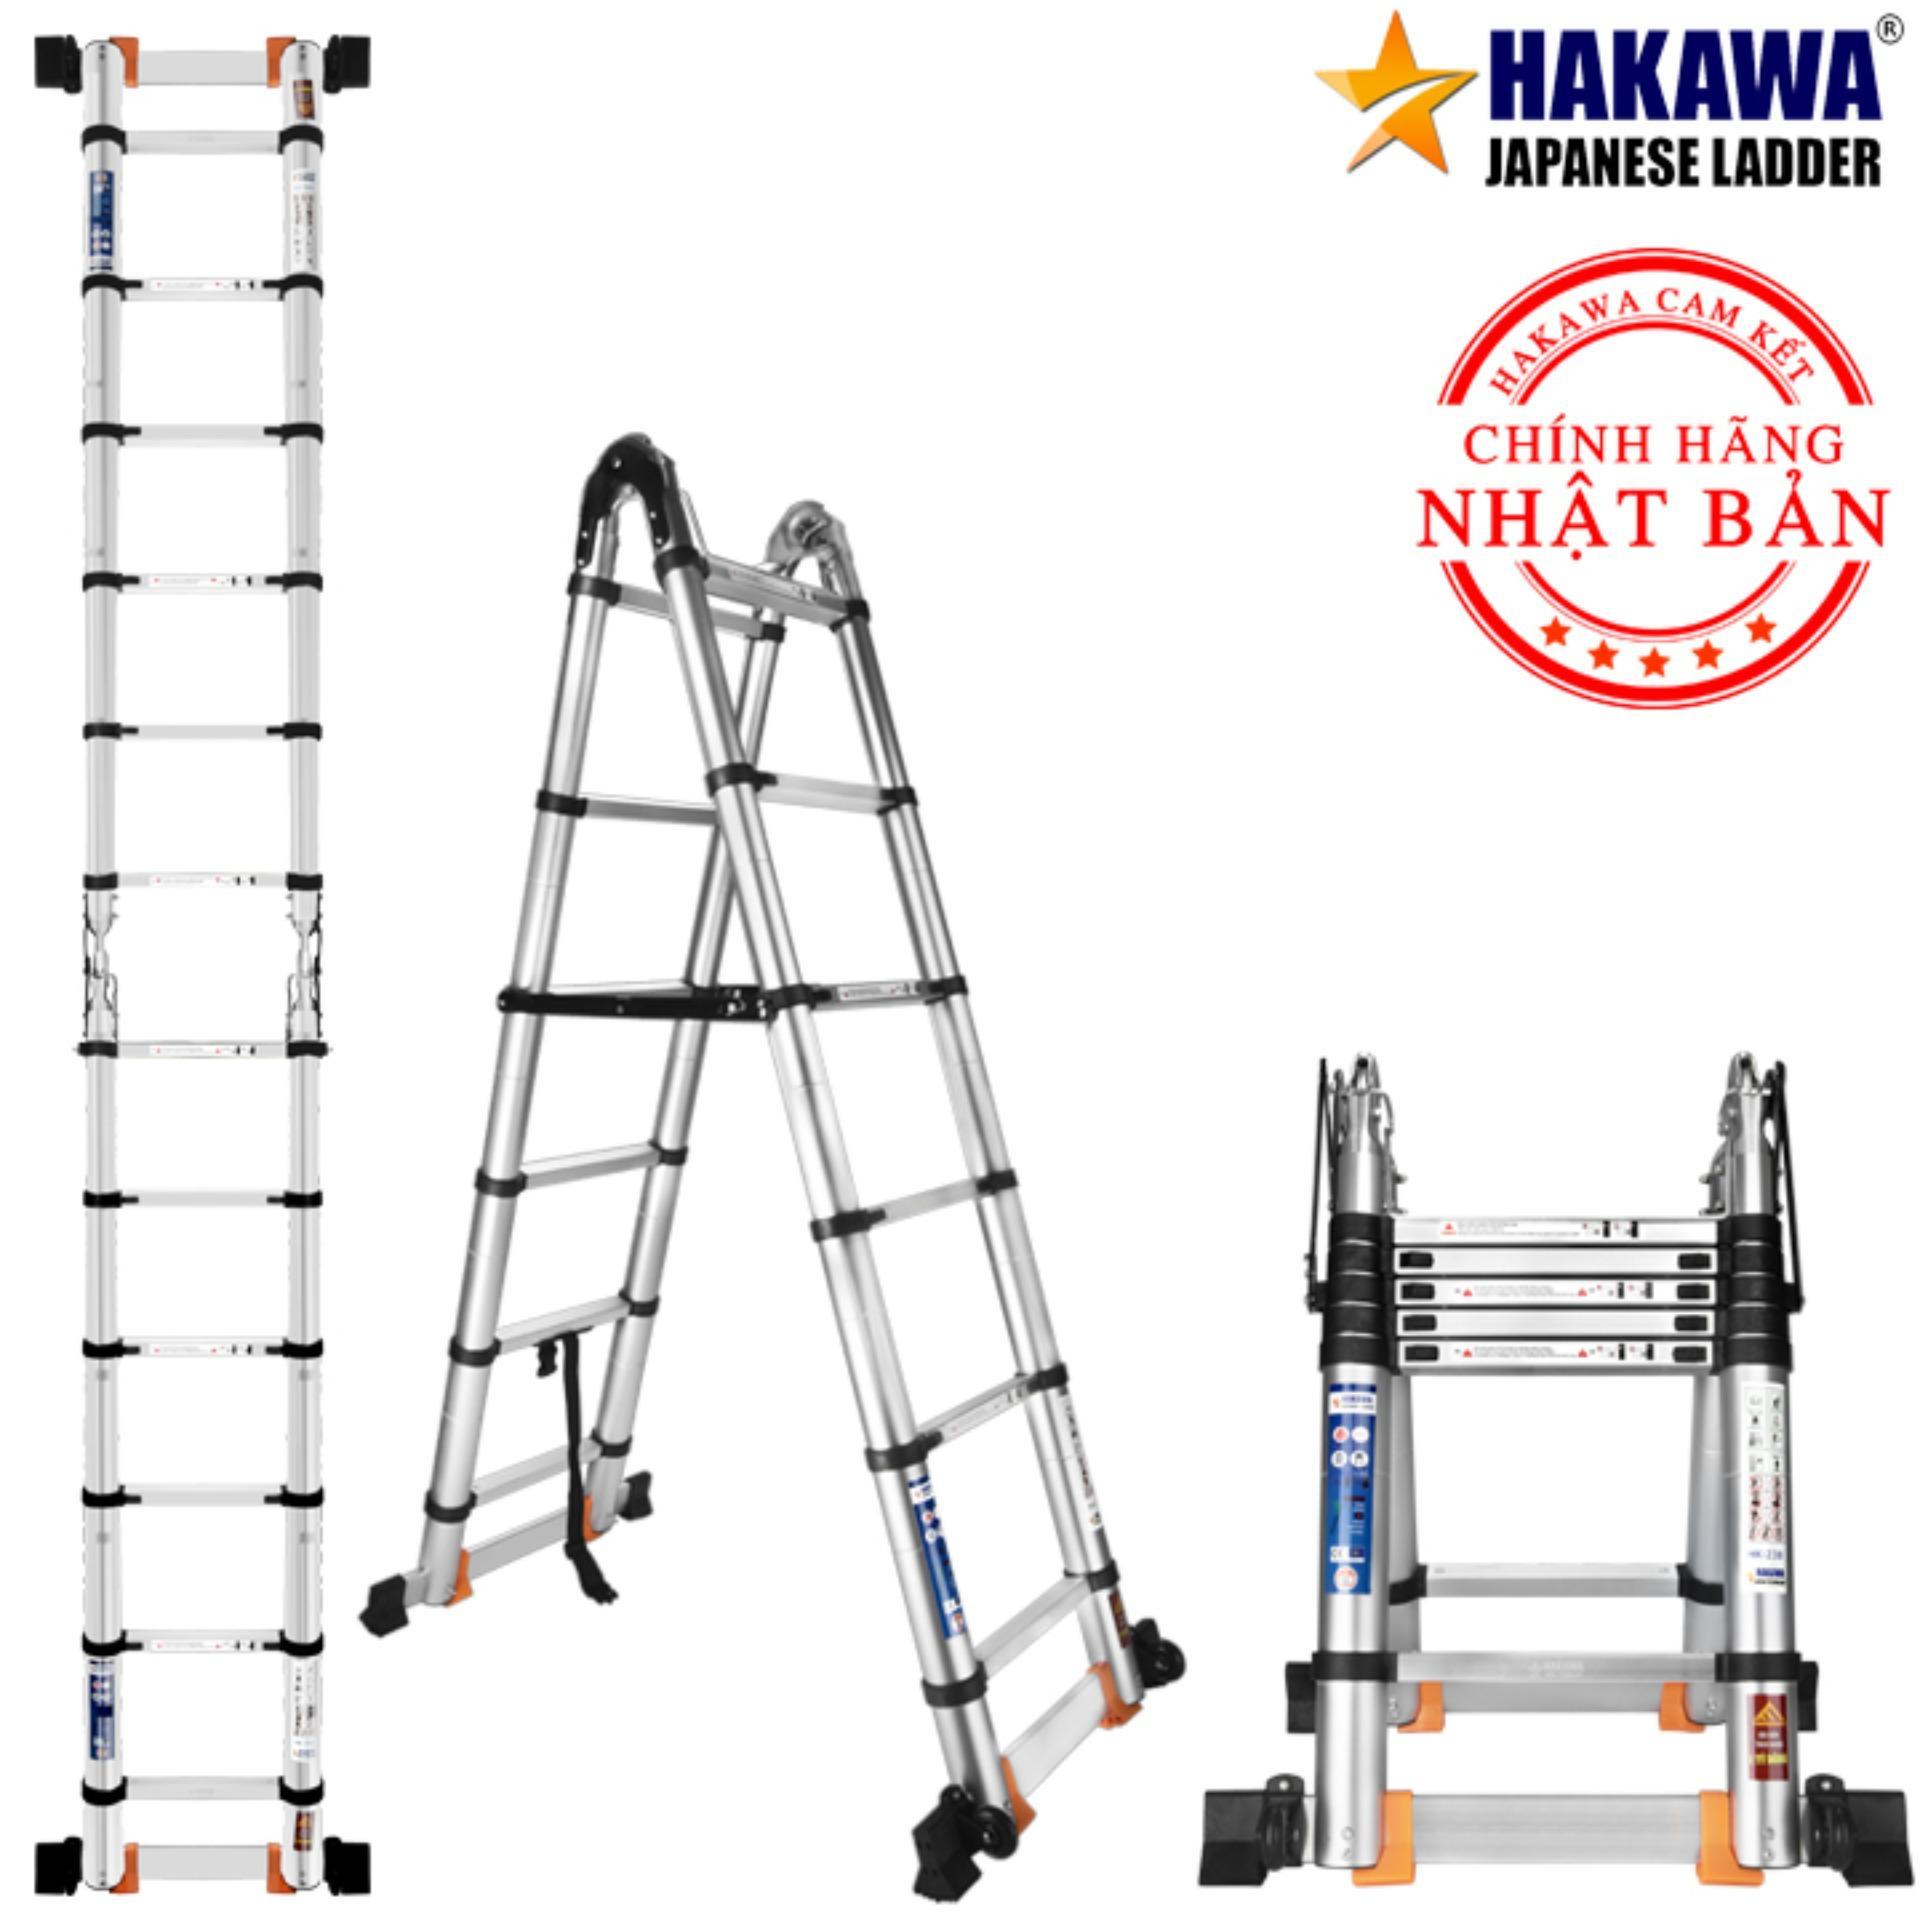 [HỖ TRỢ SHIP 100%] Thang nhôm rút chữ A HAKAWA HK238  - HÀNG NHẬT BẢN, chất lượng cao, 3 mét 8